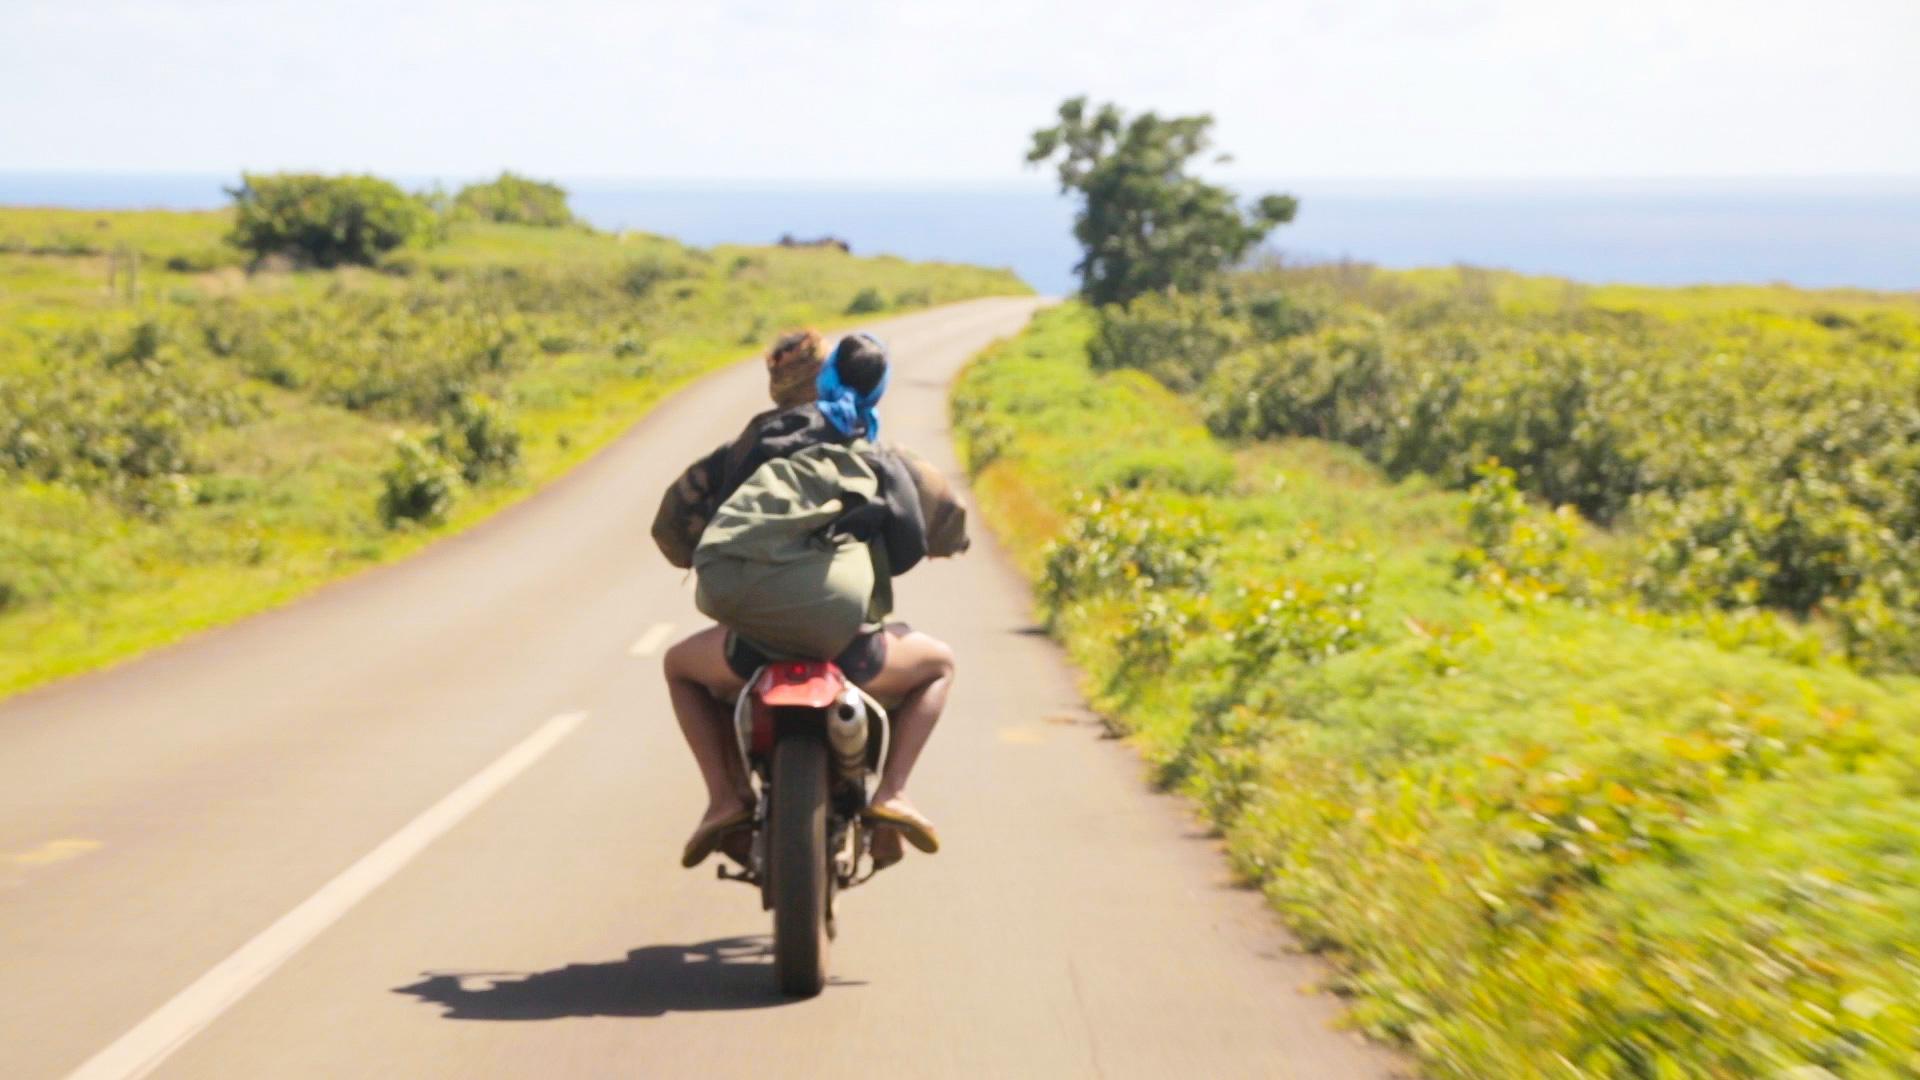 Riding a motorbike on Rapa Nui (Easter Island)